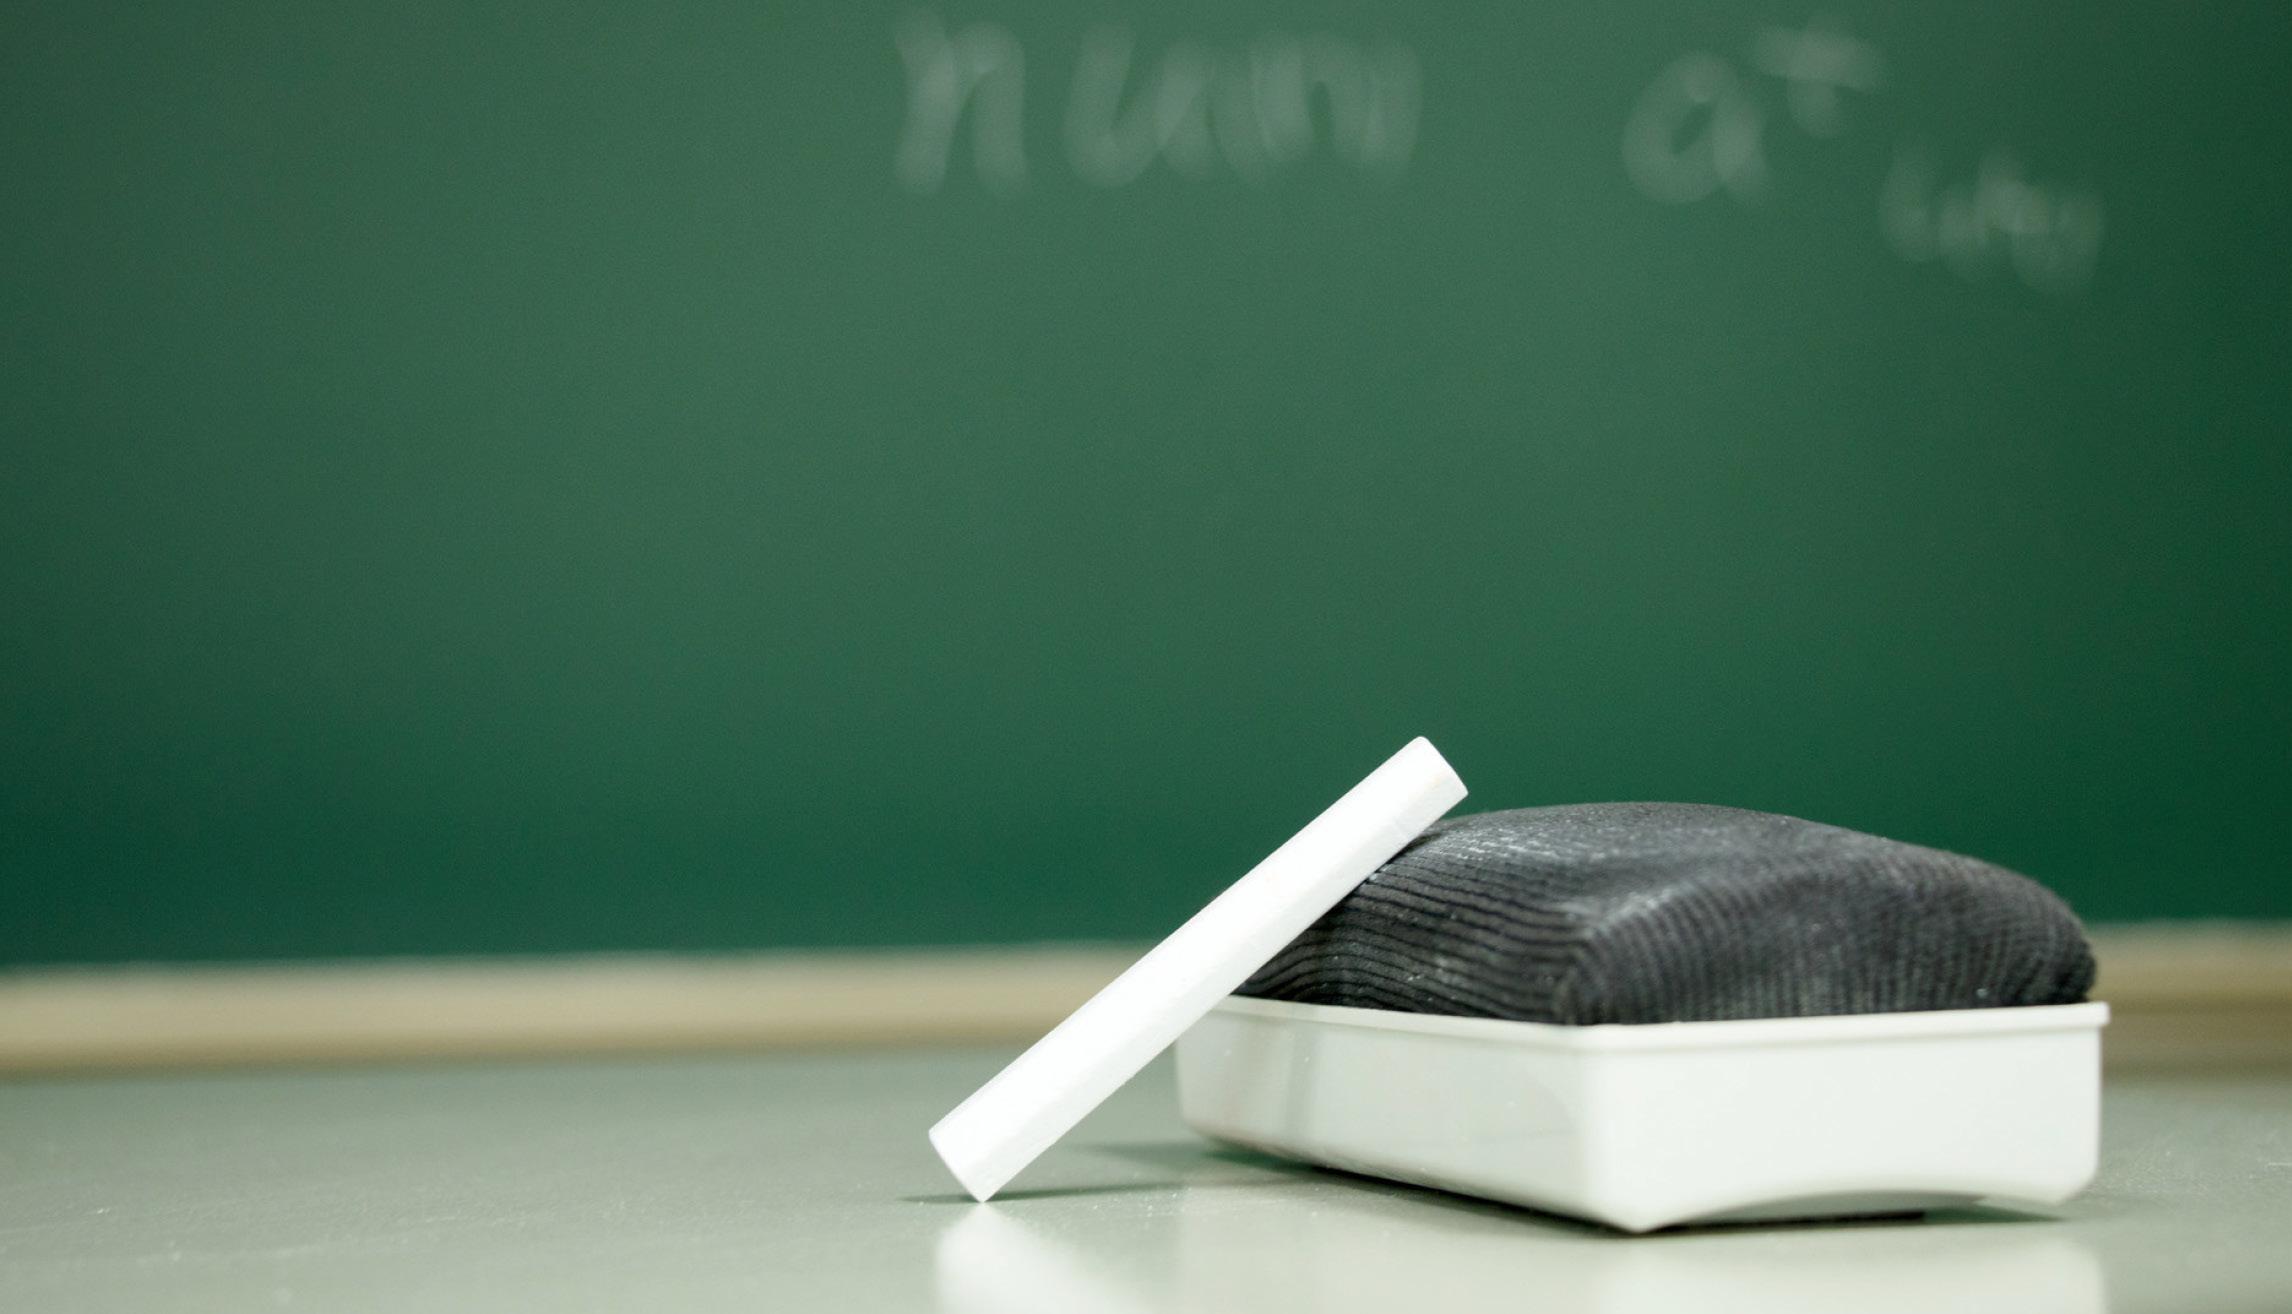 教師視角: 2019 / 2020 年, 我們該對教育有何展望?